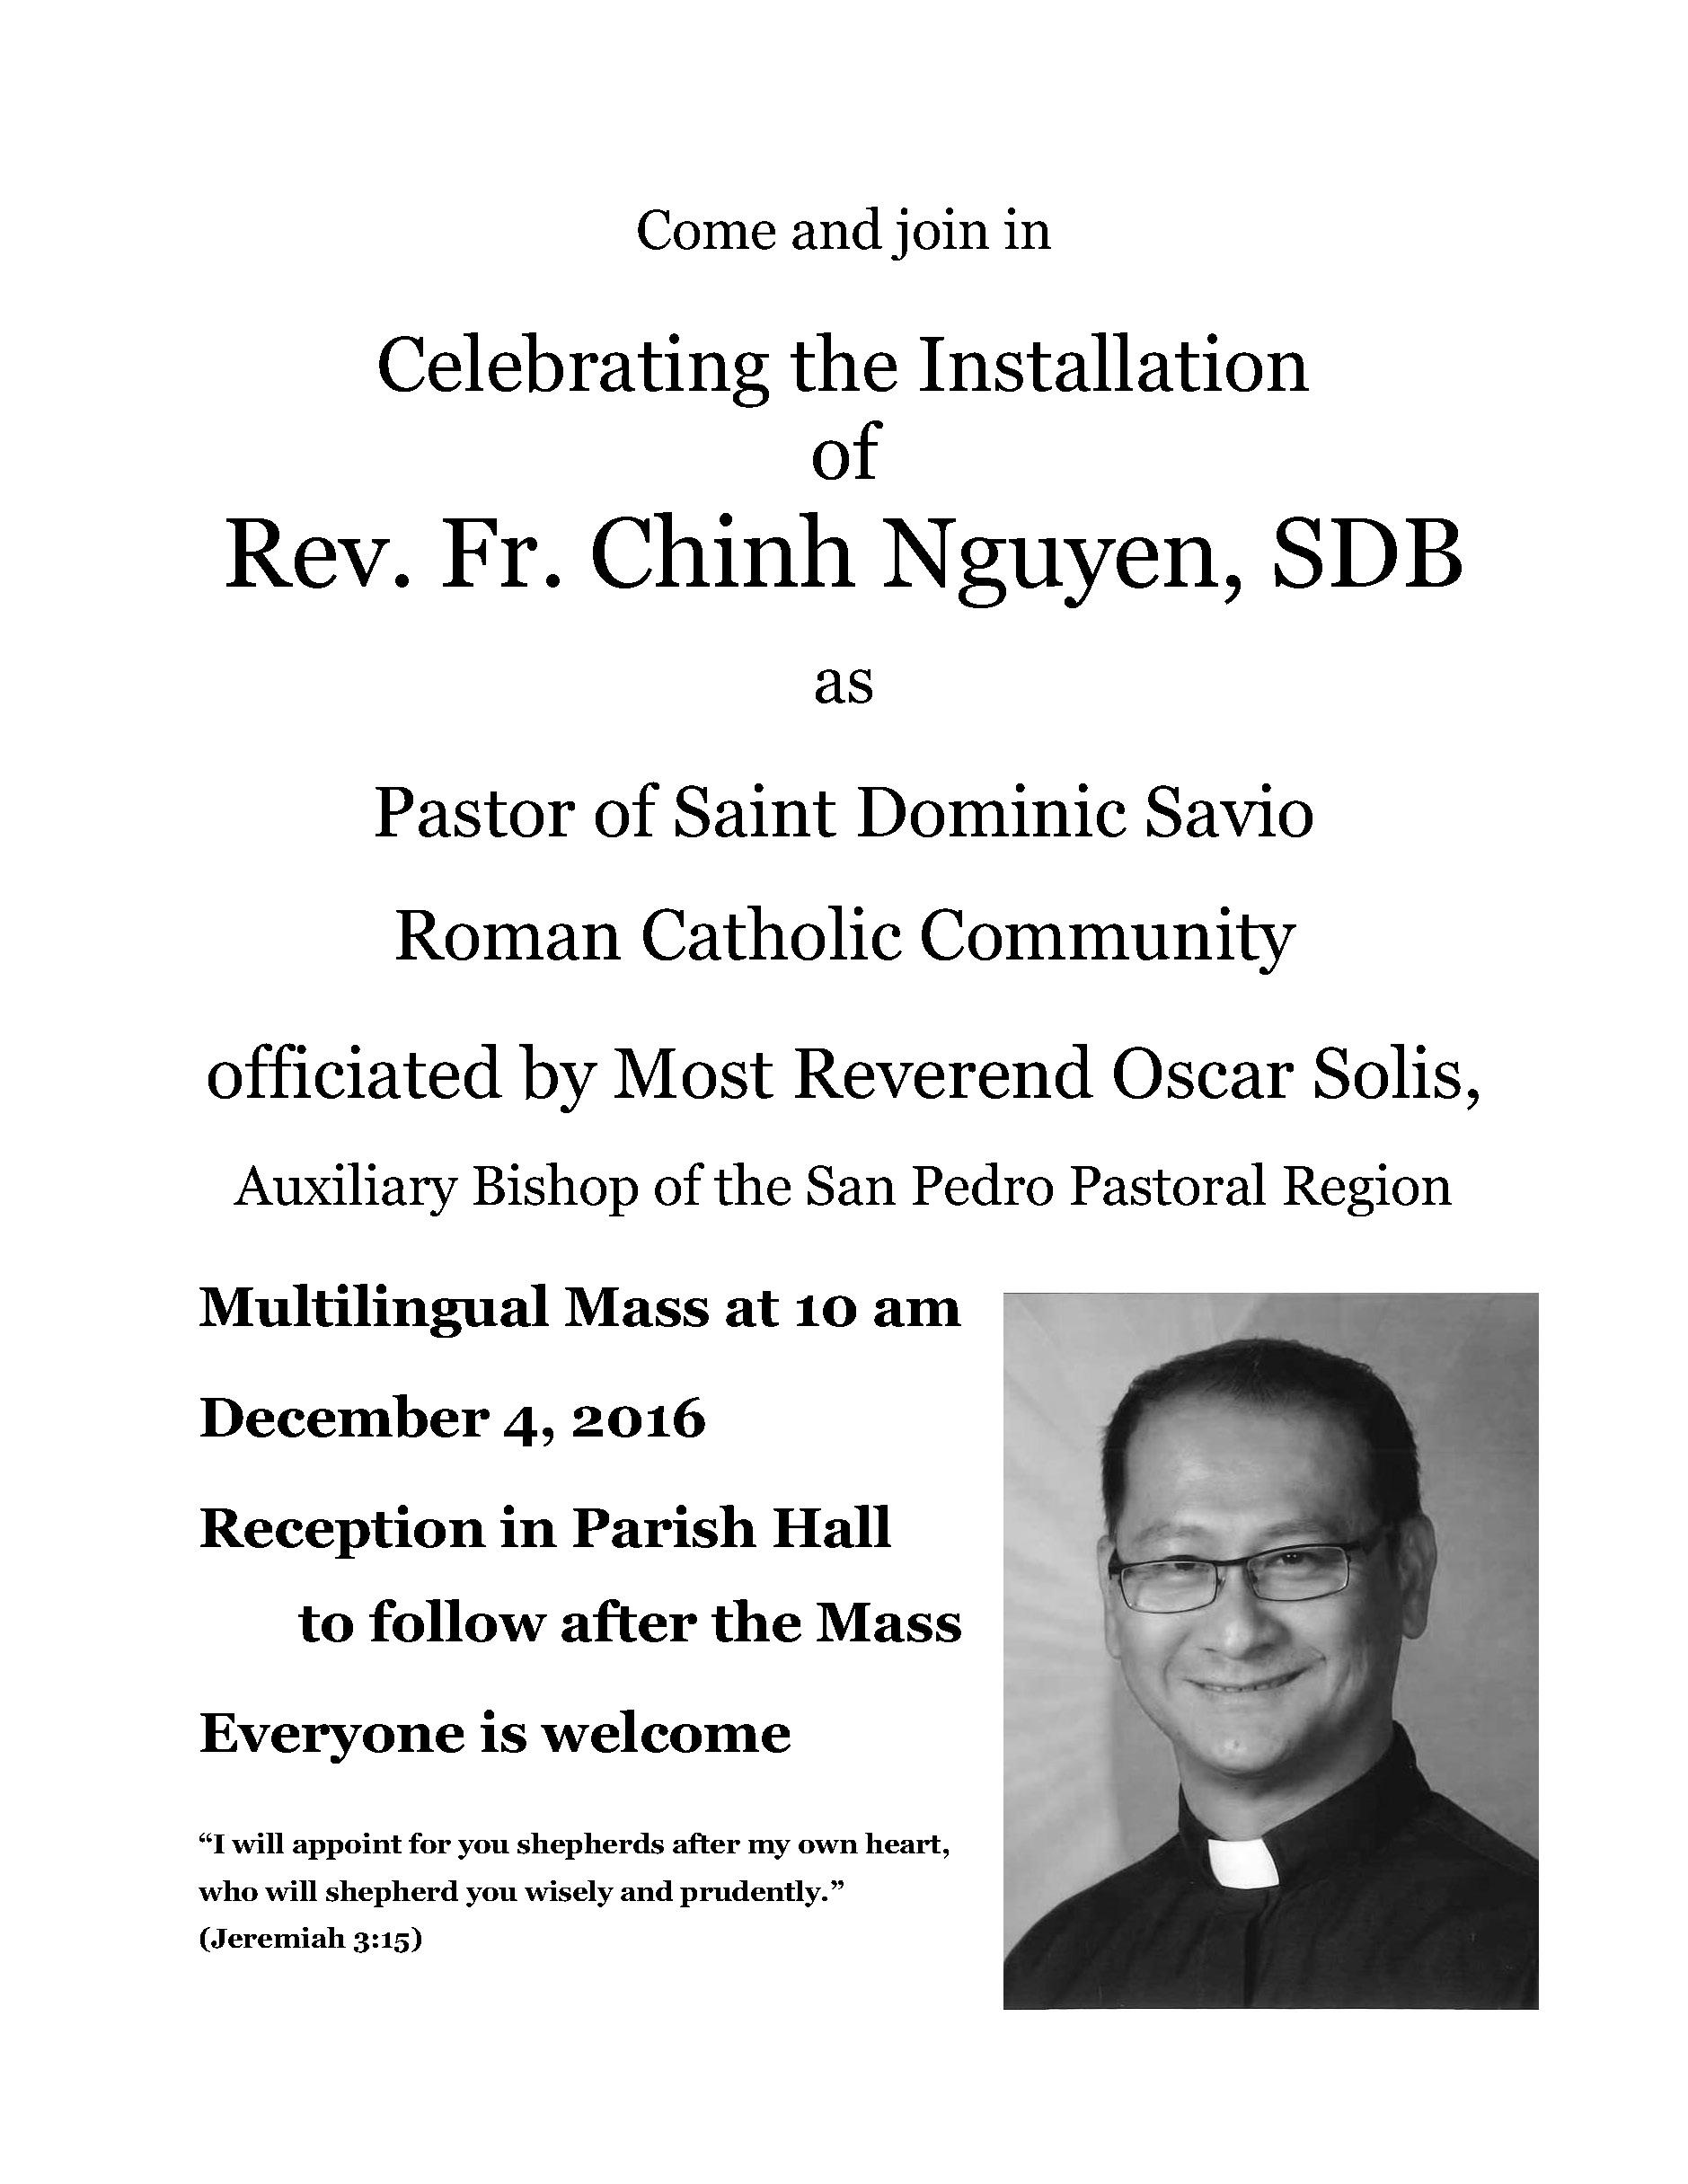 Fr Chinh's Pastoral Installation